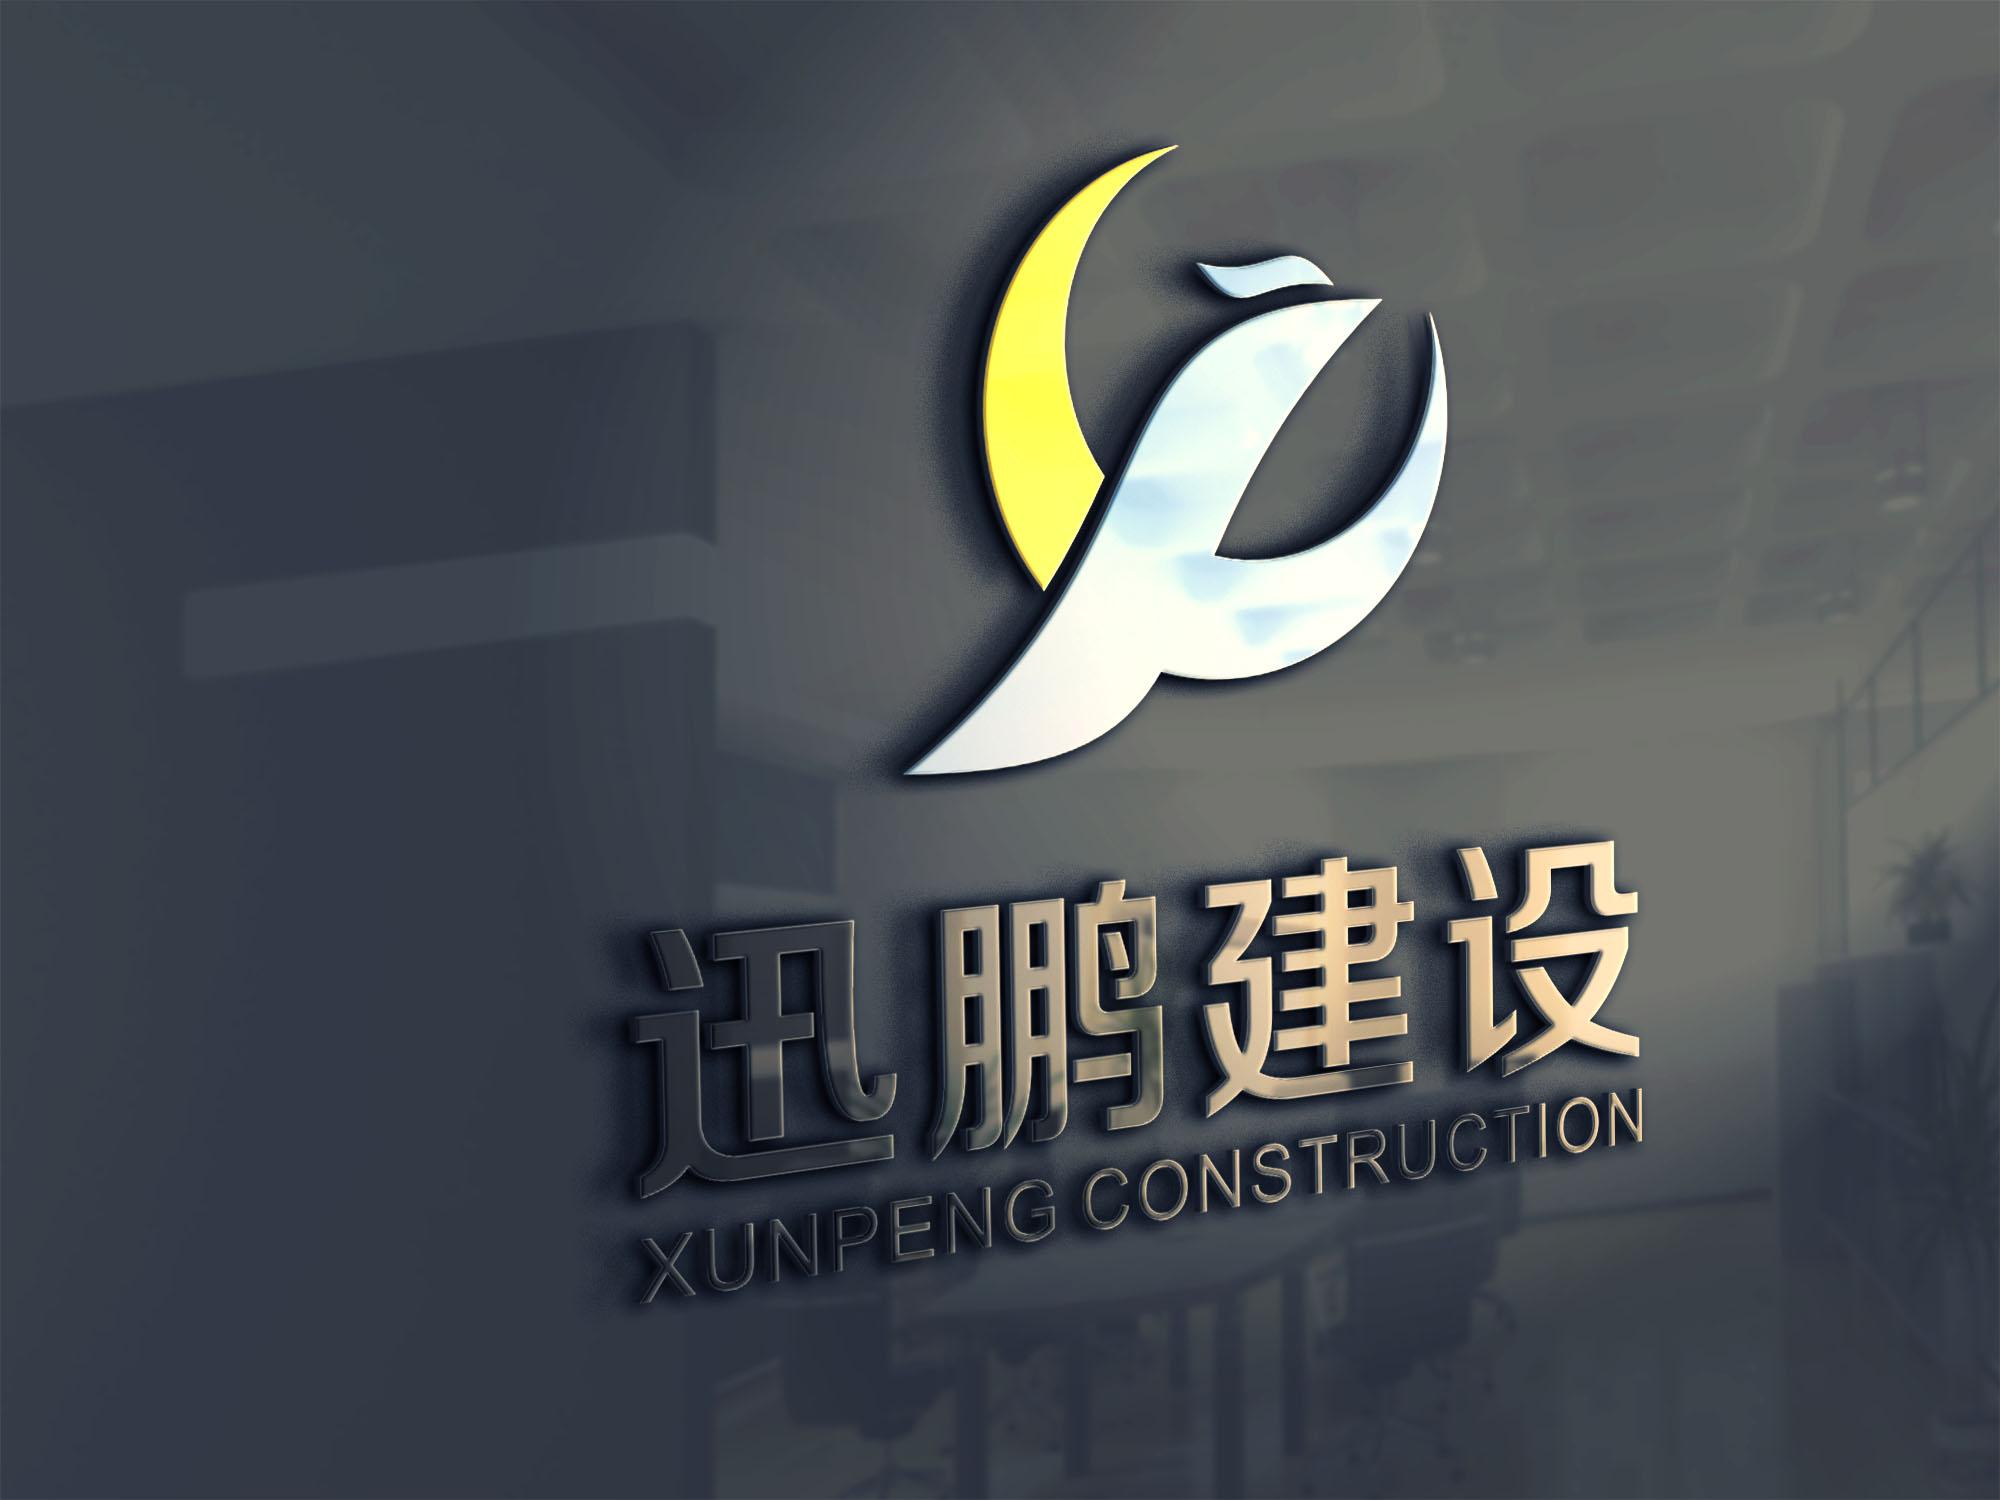 公司logo设计_3022329_k68威客网